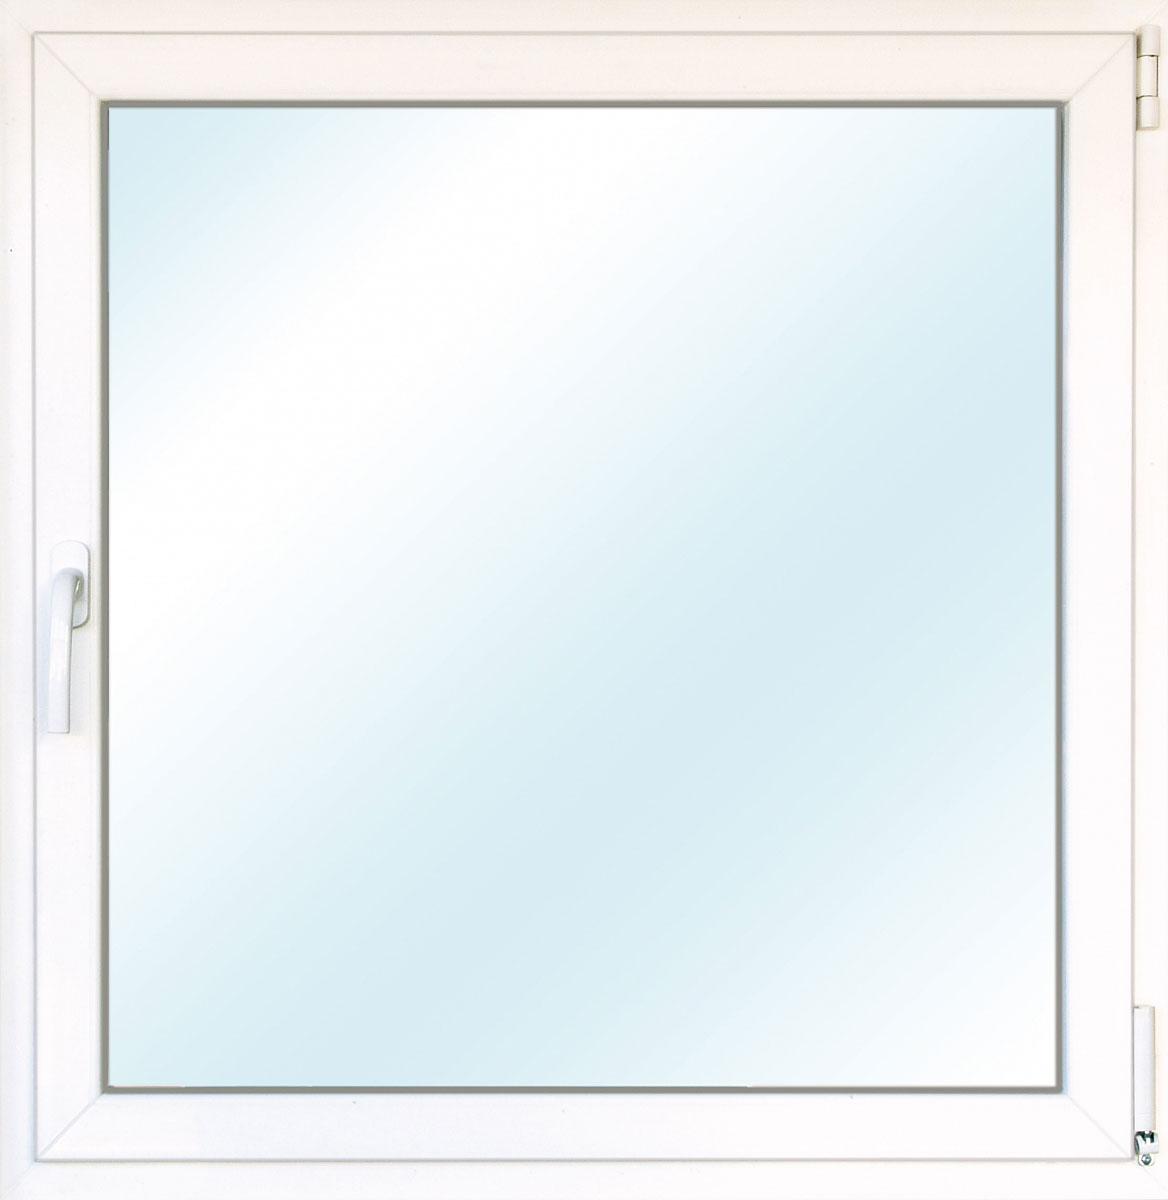 Fenster PVC 70/3 weiß/weiß Anschlag rechts 80x75 cm